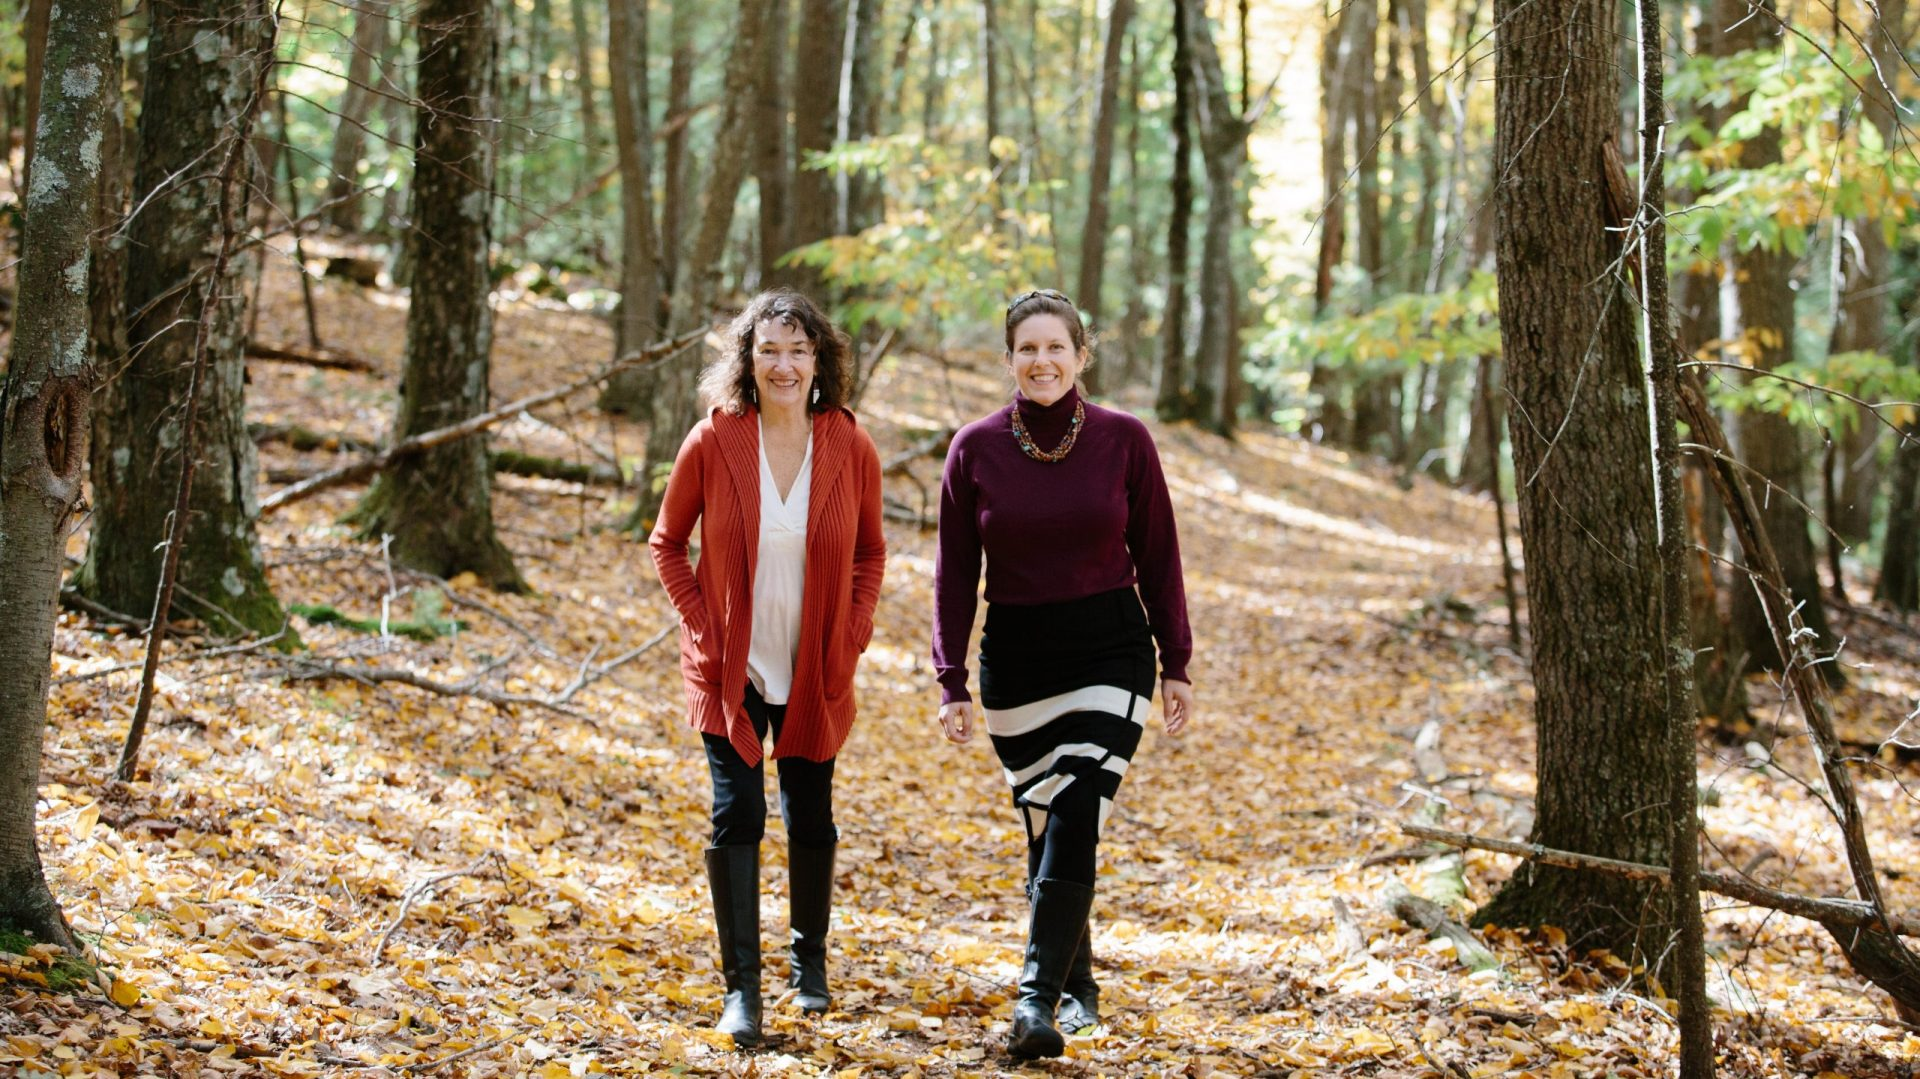 Jeannine Taylor & Jessica Packineau